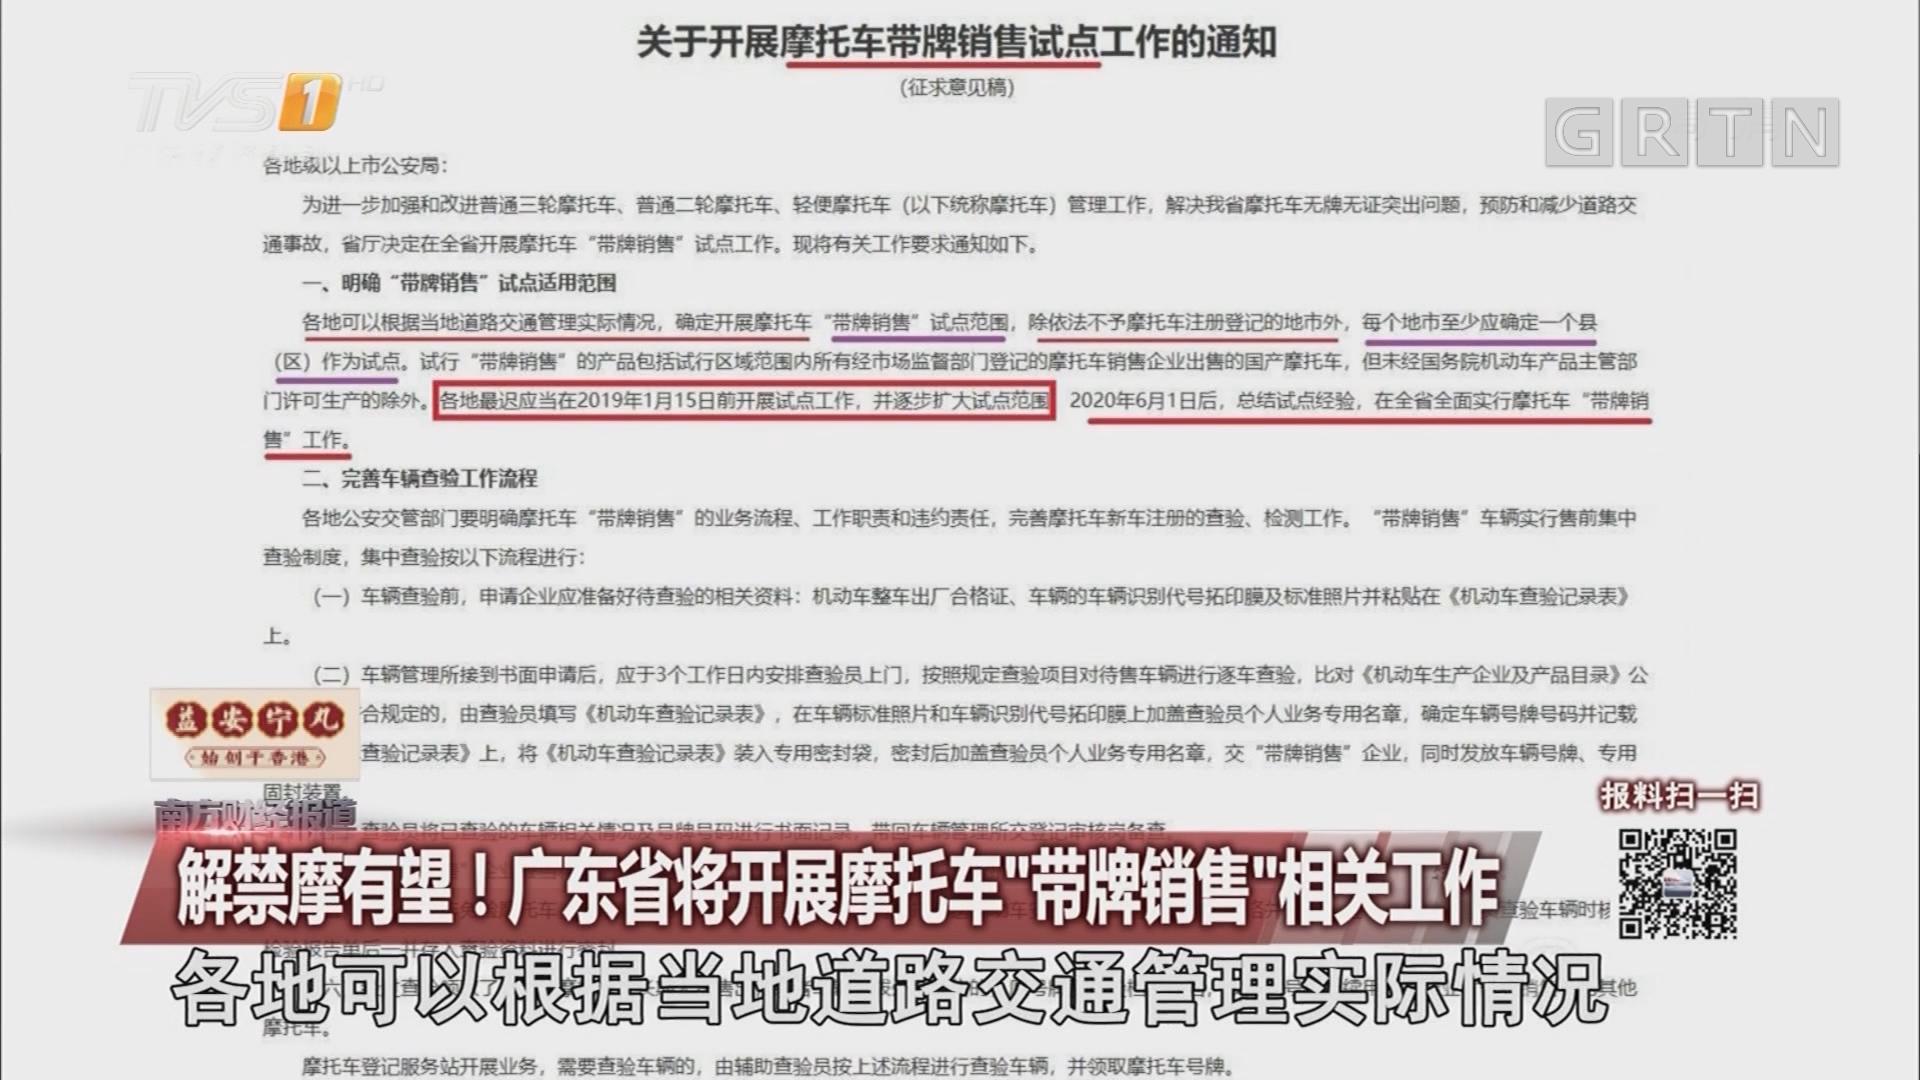 """解禁摩有望!广东省将开展摩托车""""带牌销售""""相关工作"""